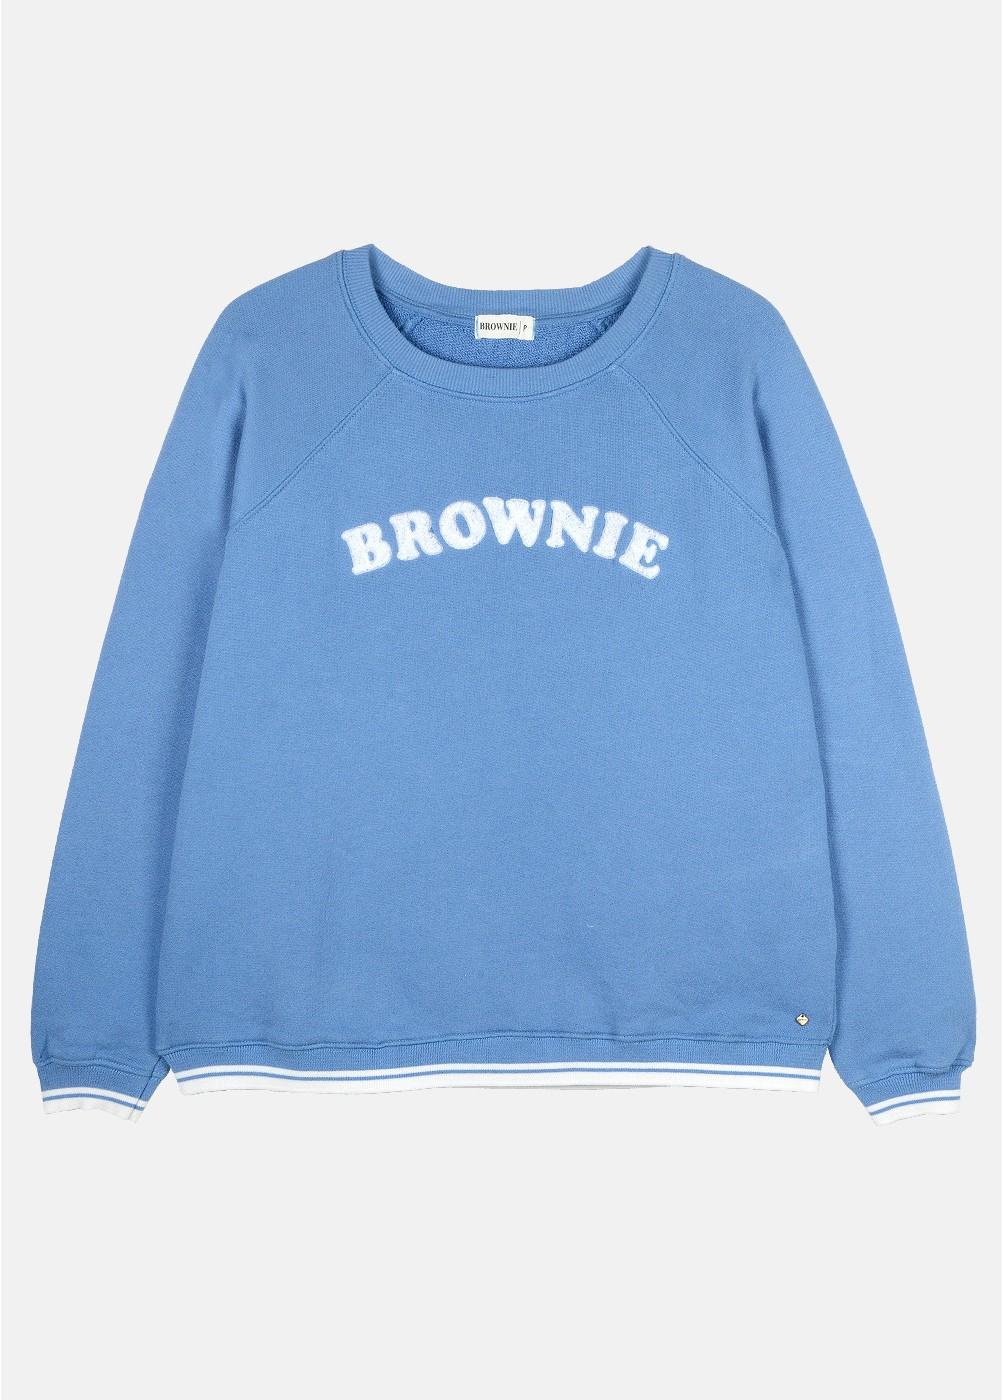 SUDADERA BROWNIE BORDADA BROWNIES